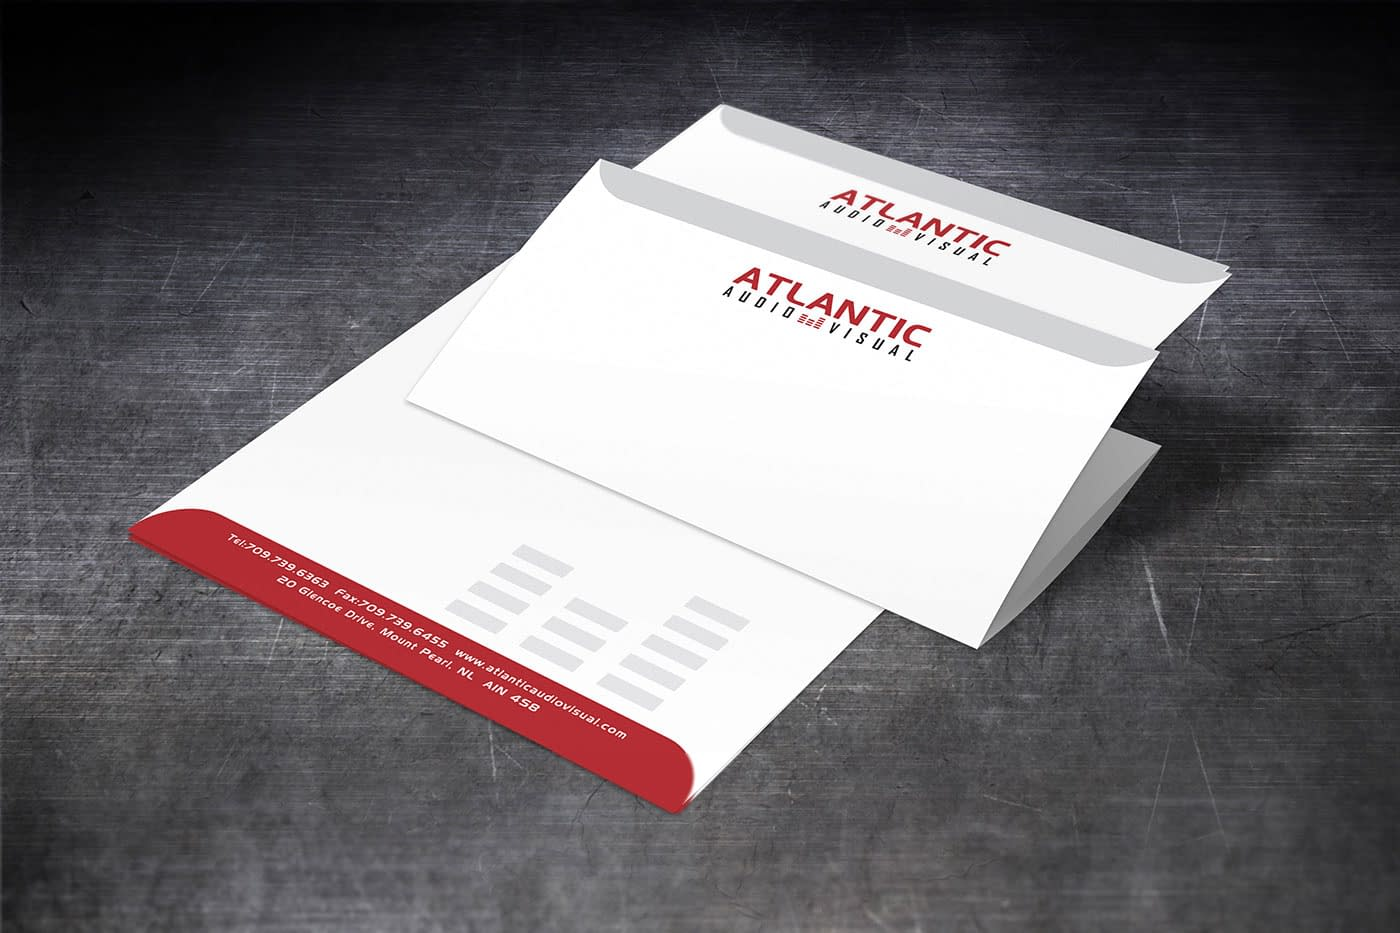 atlanticav_stationary2